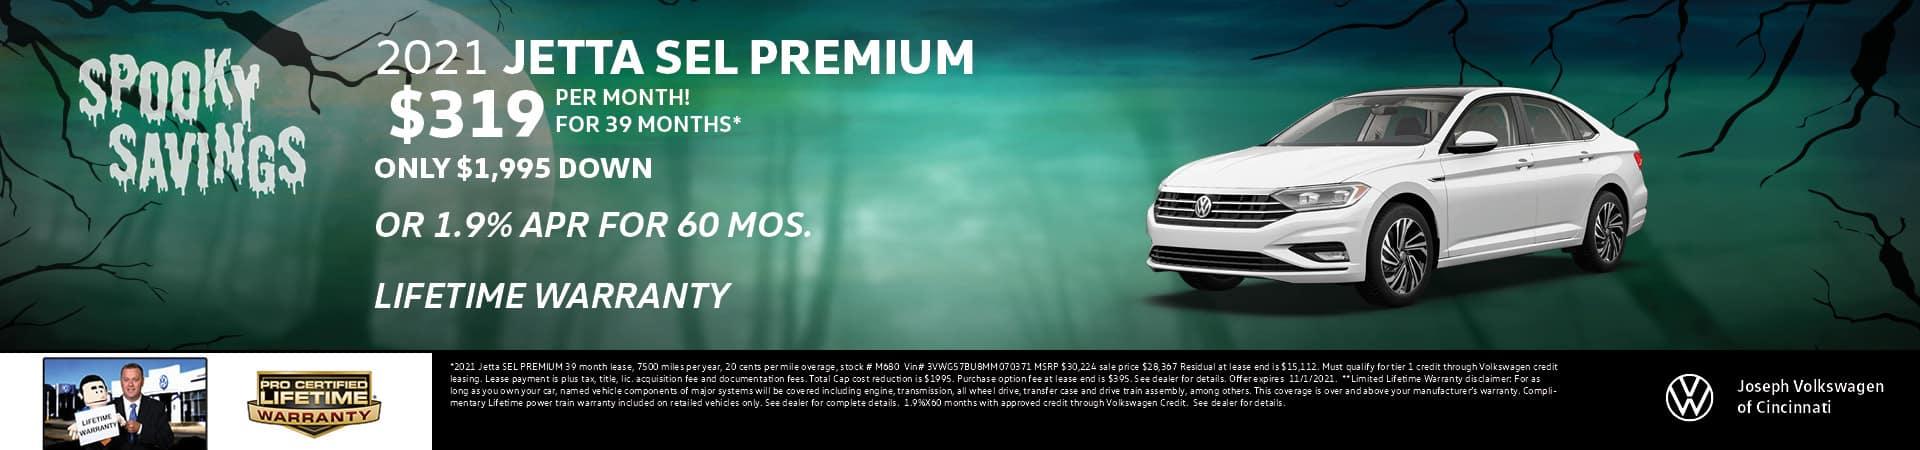 2021 Volkswagen Jetta SEL Premium | Joseph Volkswagen | Cincinnati, OH